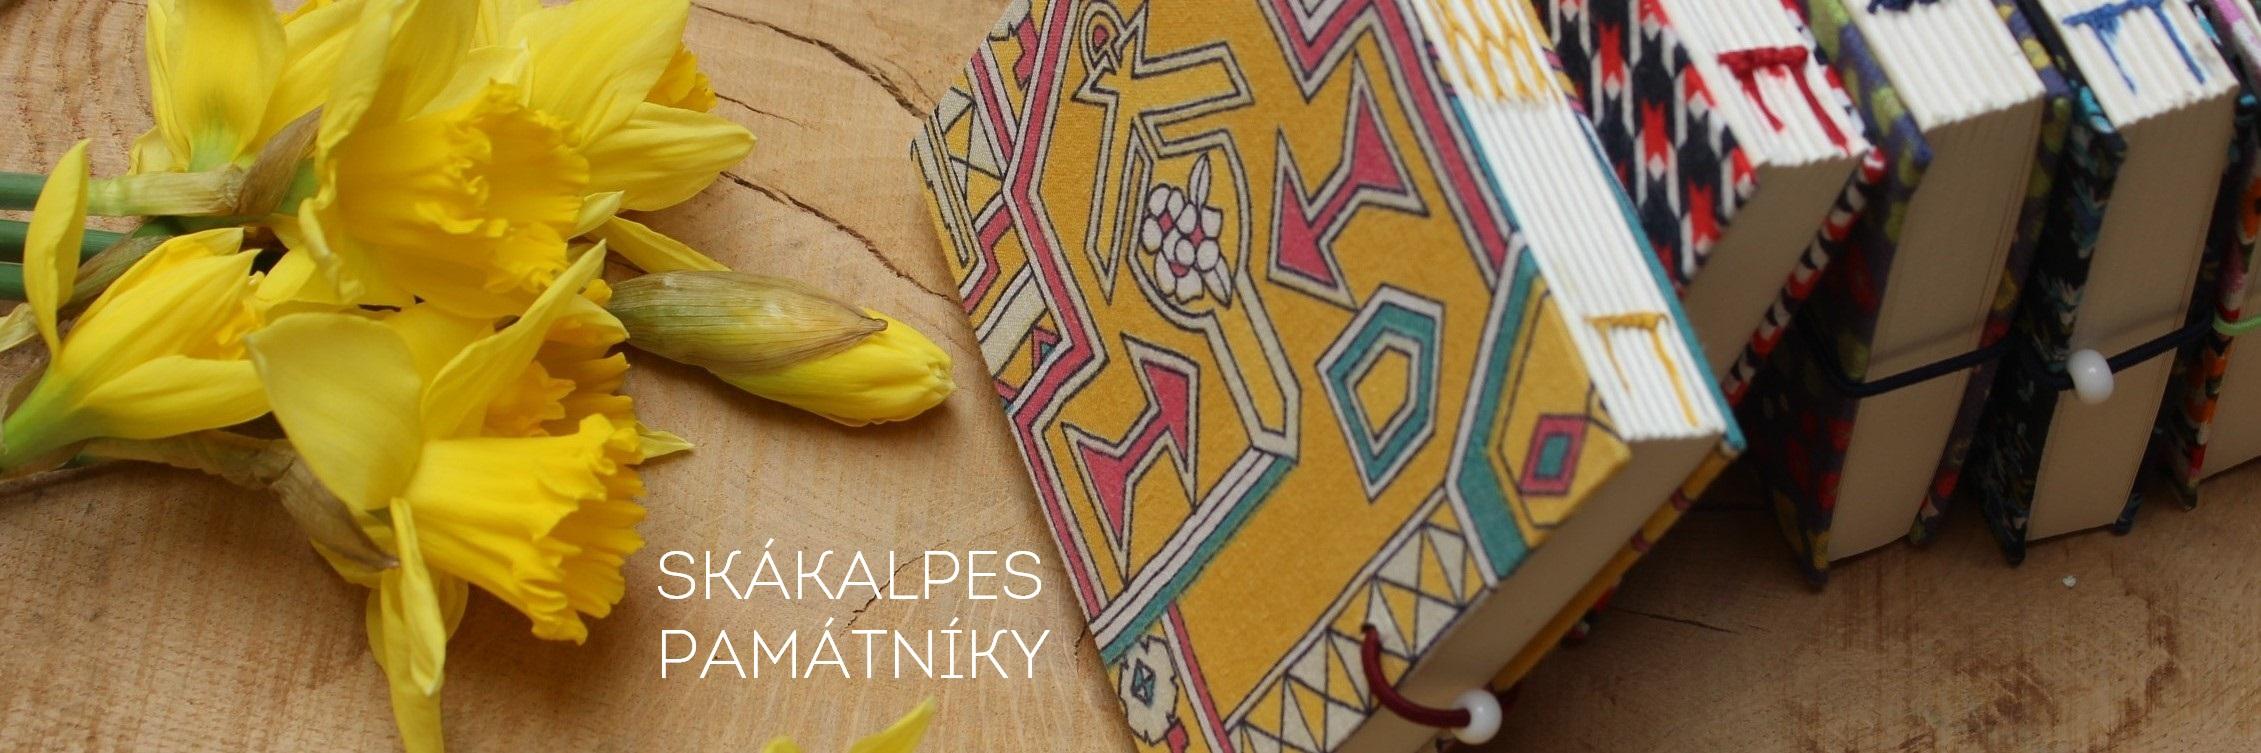 Památník SKÁKALPES originální upcyklovaný ručně šitý